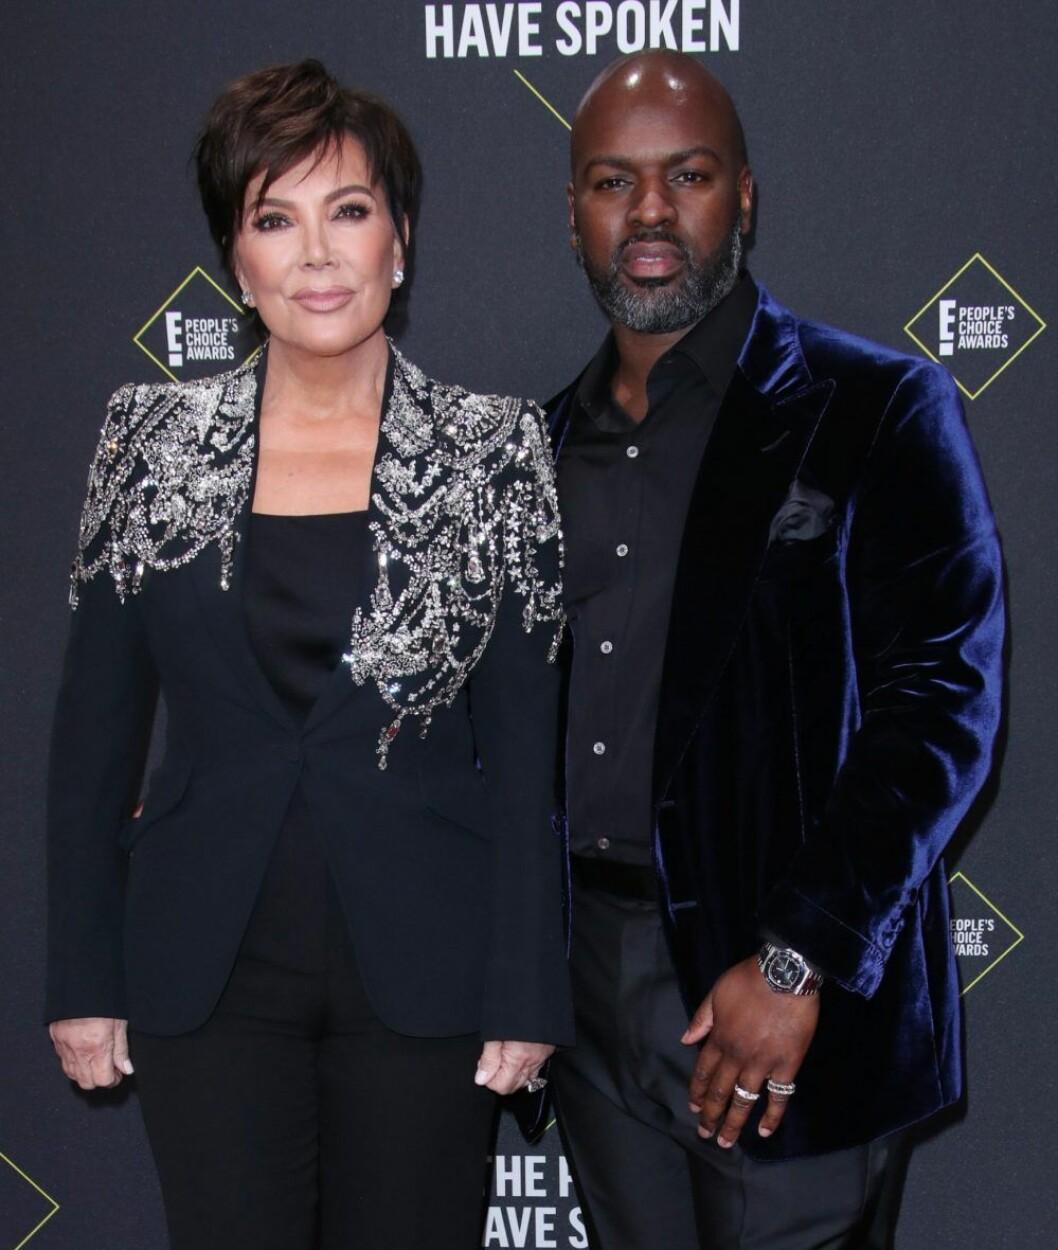 Kris Jenner och Corey Gamble poserar ihop på röda mattan iklädda mörka kläder